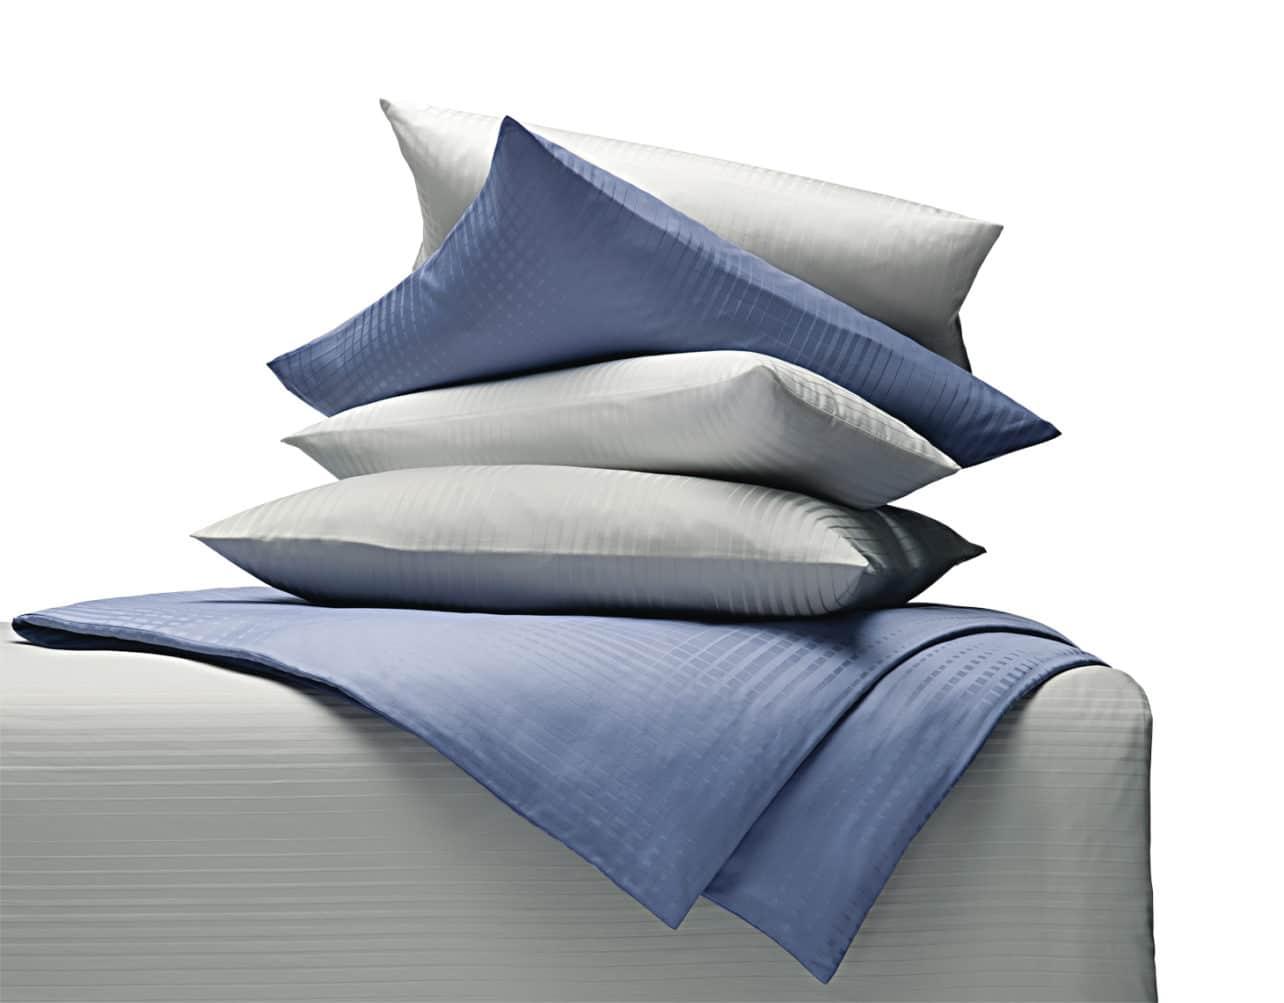 Bettwäsche Damast Zoom Streifen mit gewebten Streifen aus 100% Bio-Baumwolle (kbA)